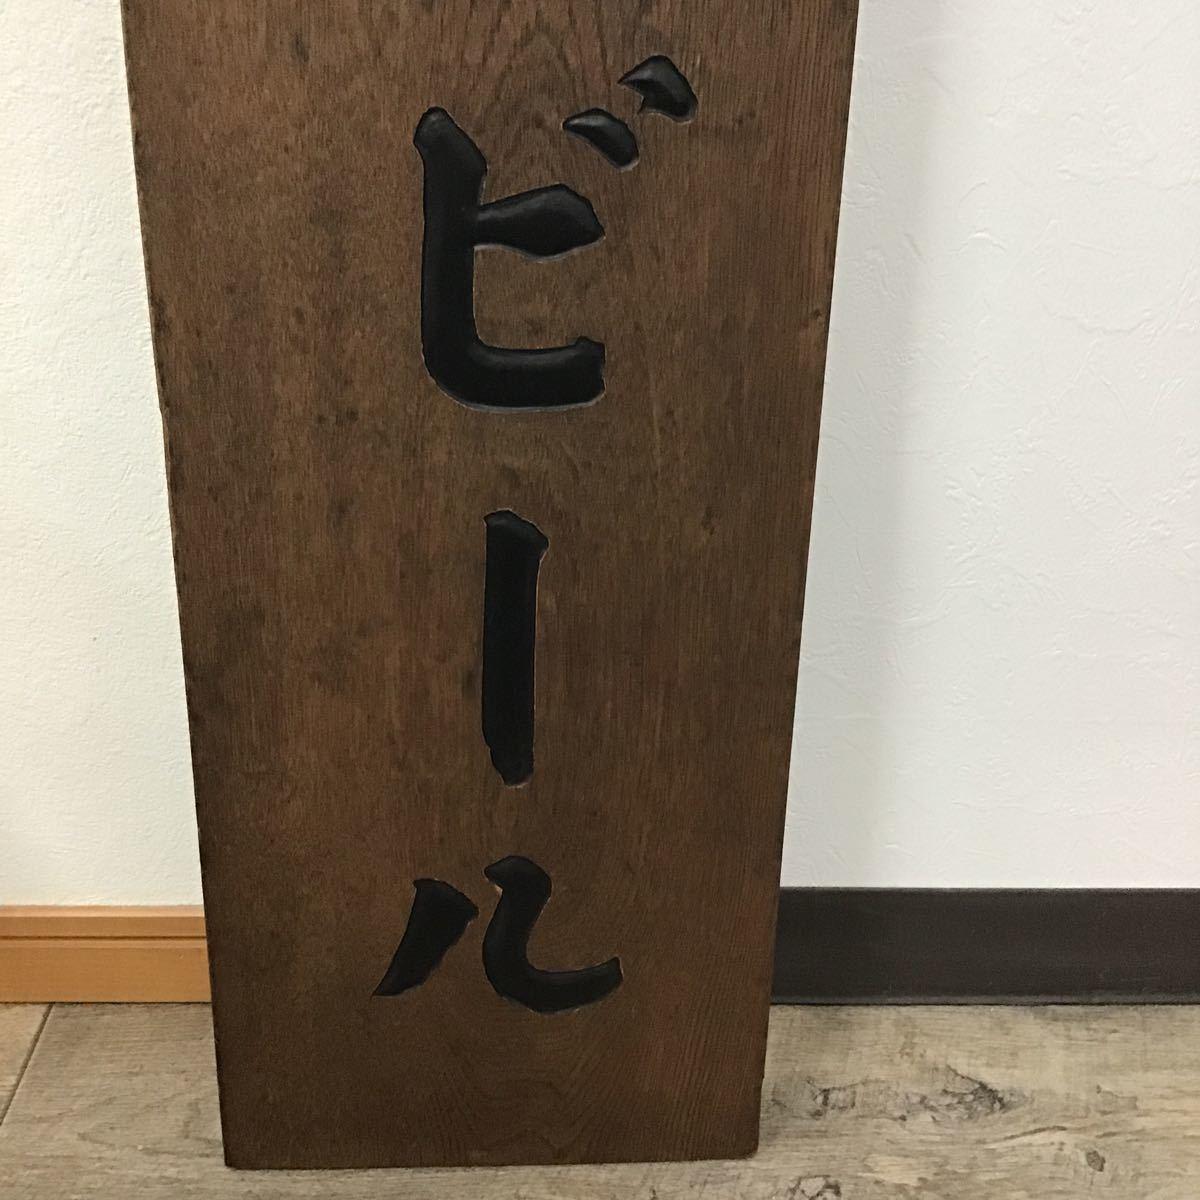 宮内省御用達 加冨登ビール 戦前の看板 No.71_画像5